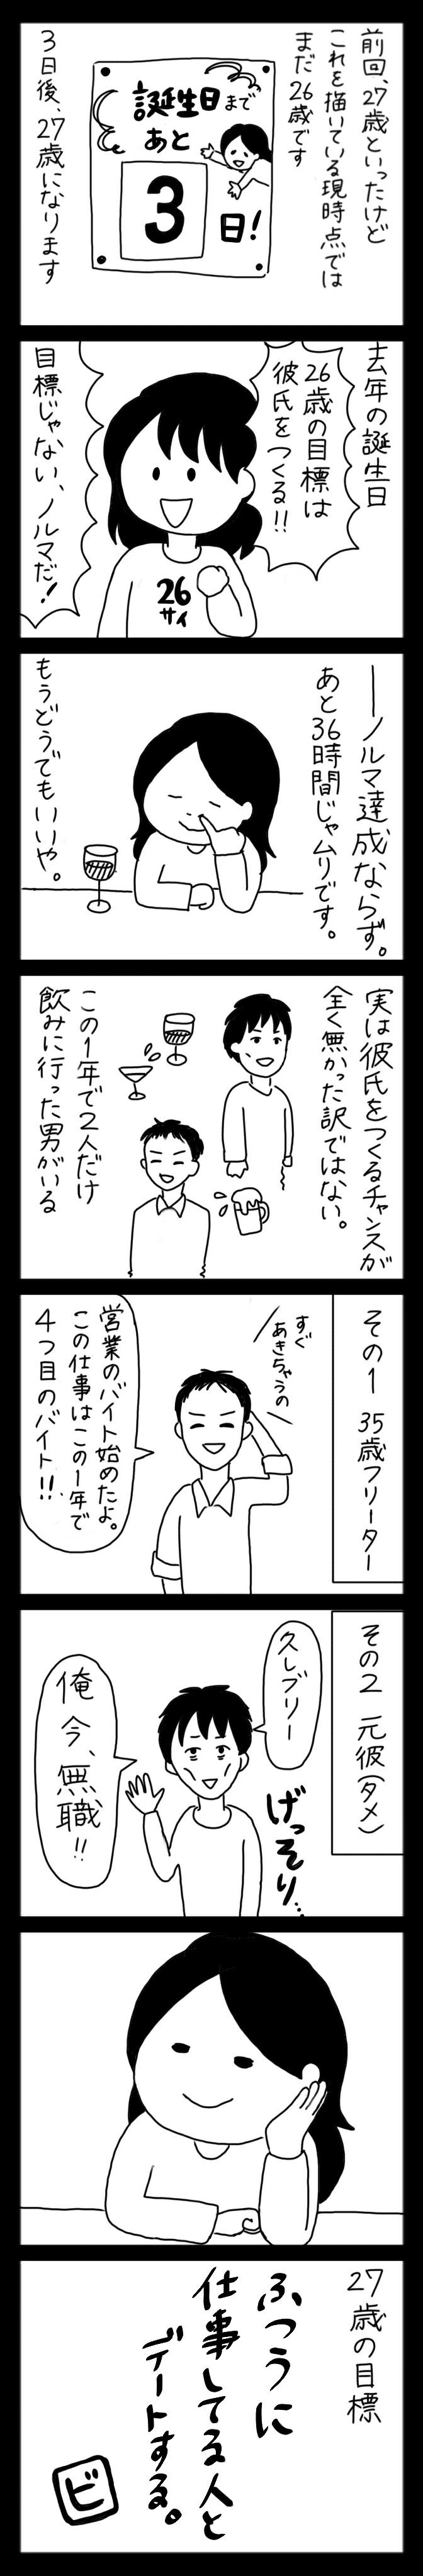 【4コマ漫画】第2回「ビクトリアな日々」作:ビクトリアブラディーヌ